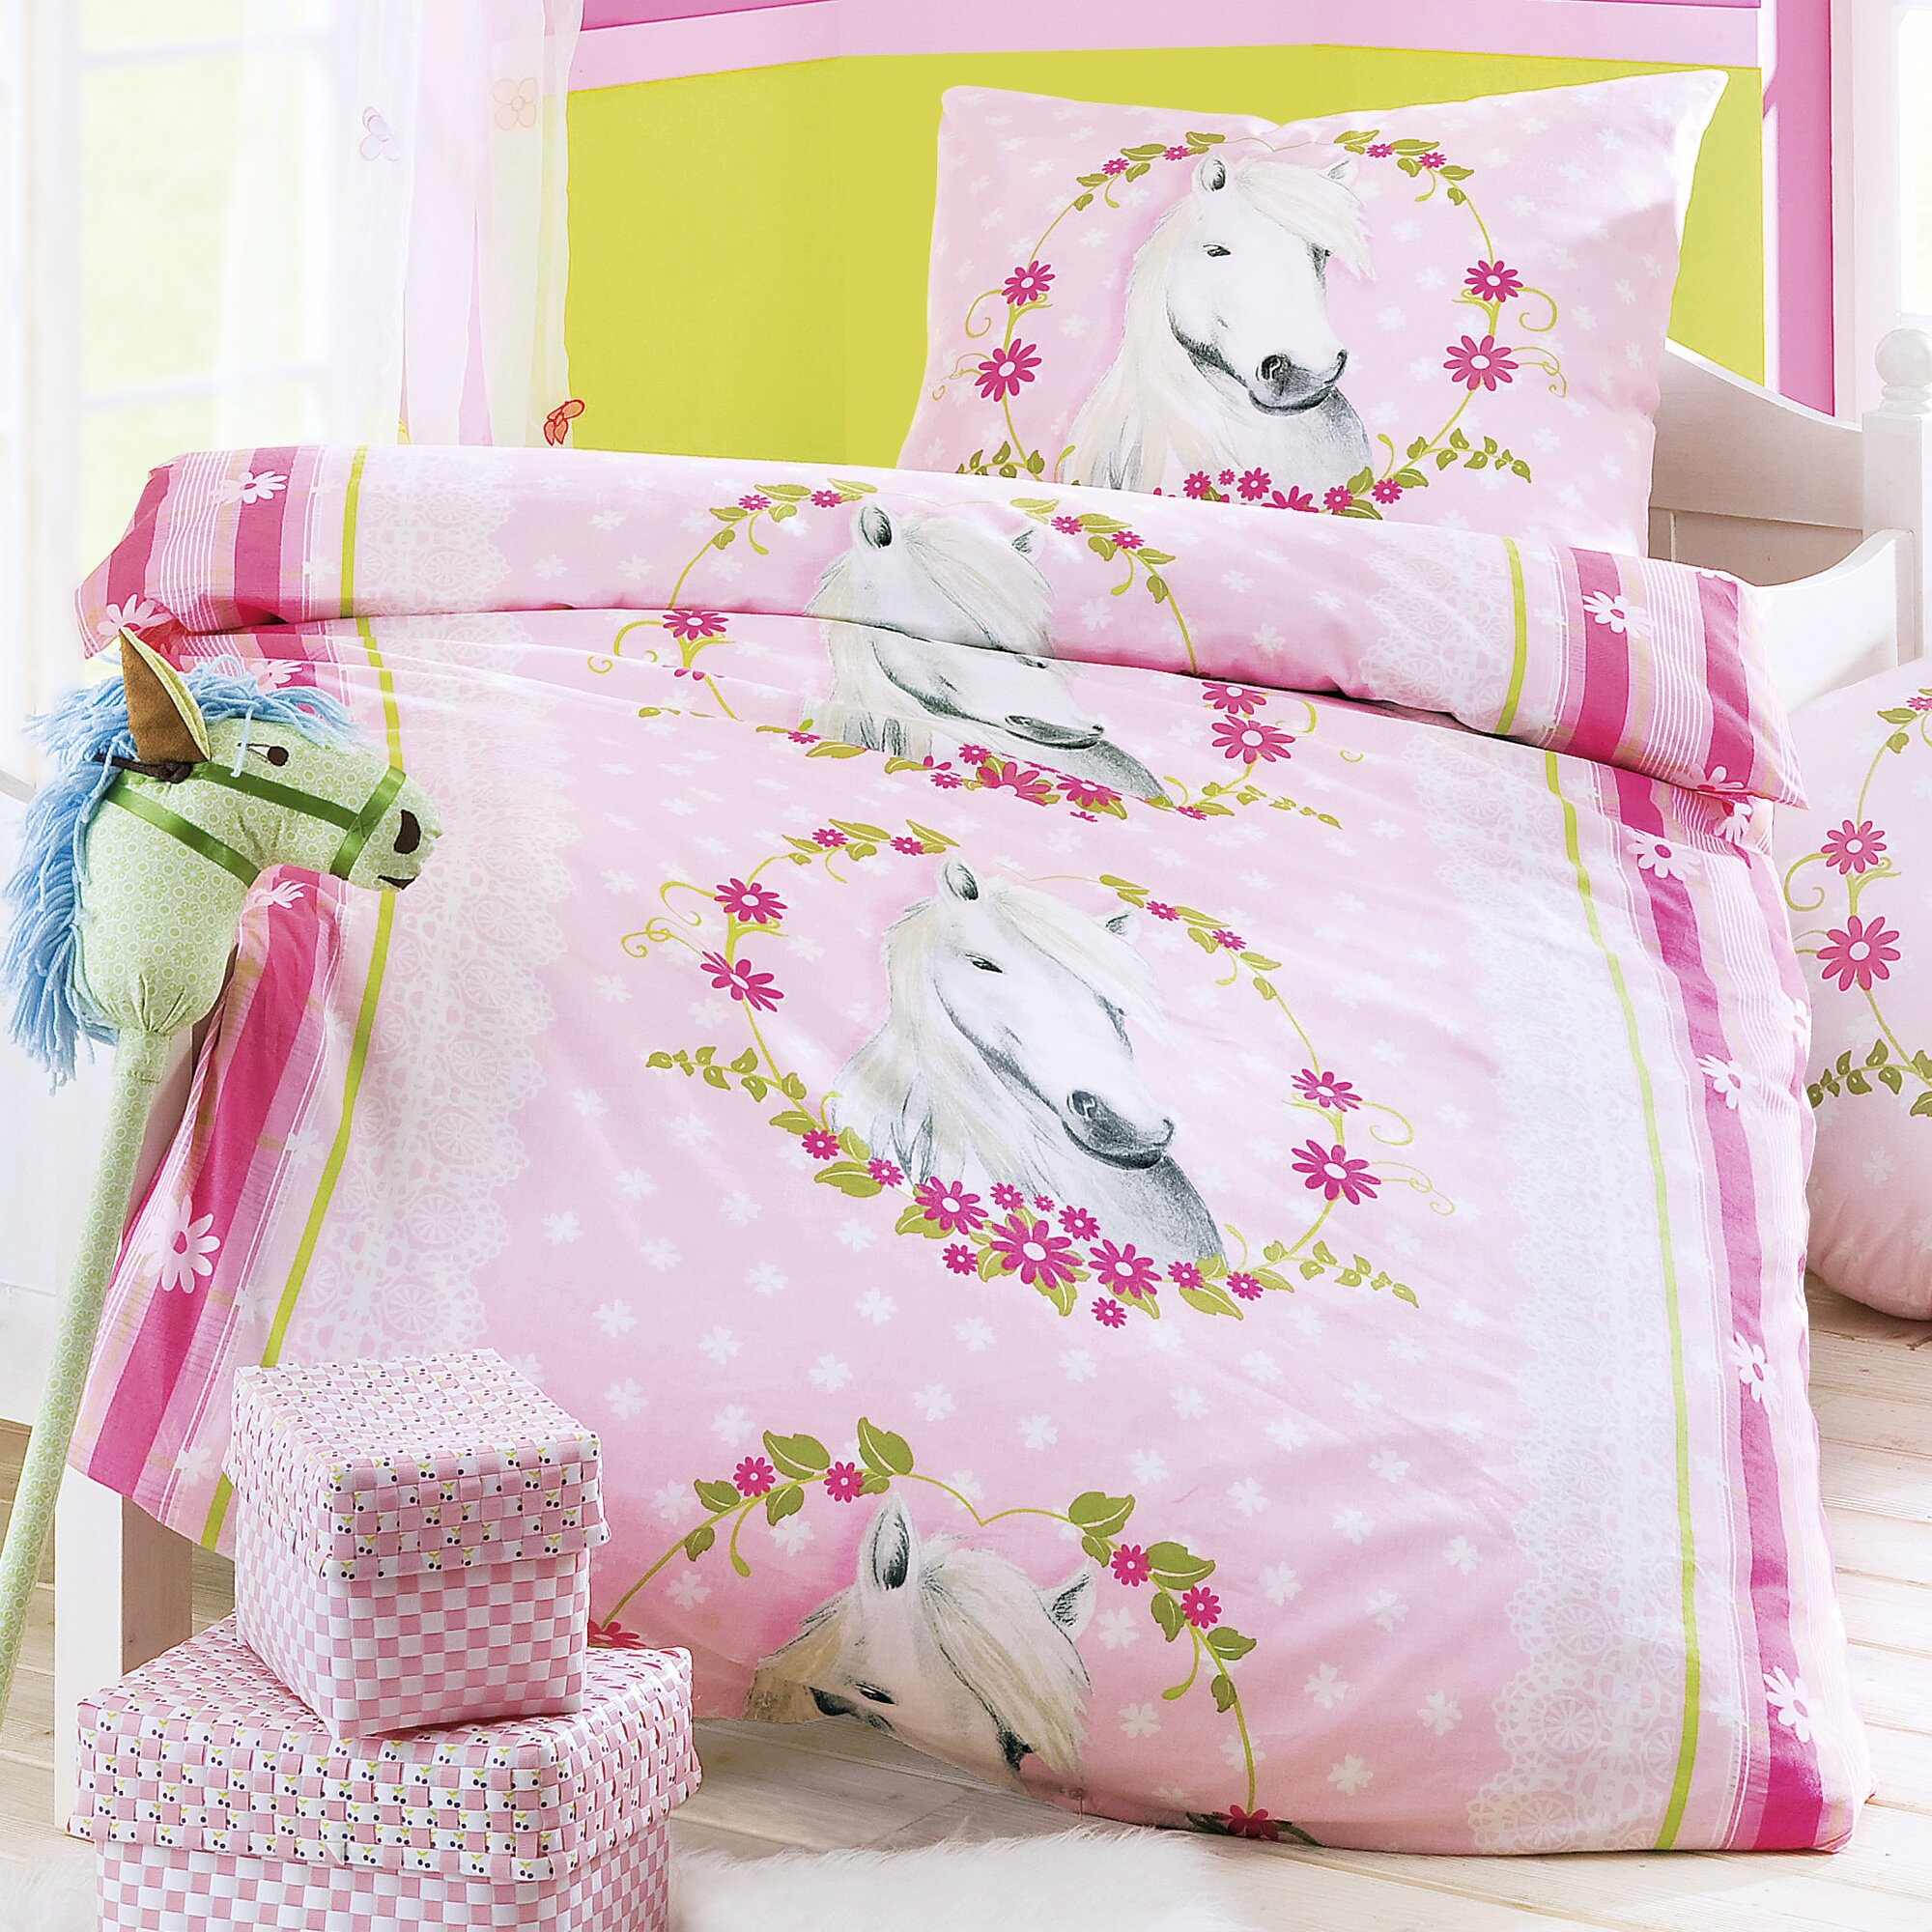 linge de lit chambre enfants page n 15. Black Bedroom Furniture Sets. Home Design Ideas